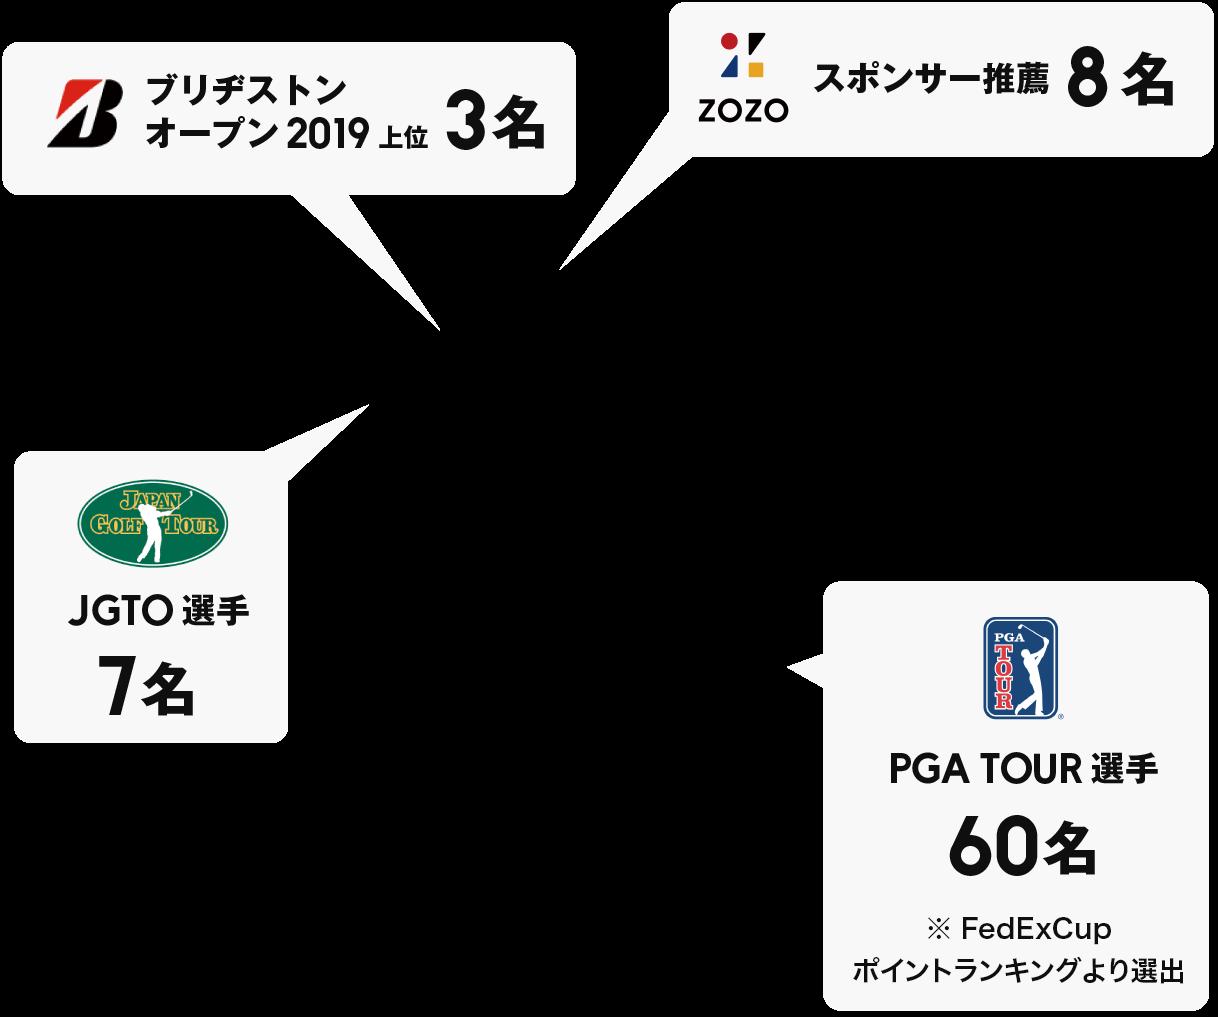 zozo チャンピオン シップ 優勝 賞金